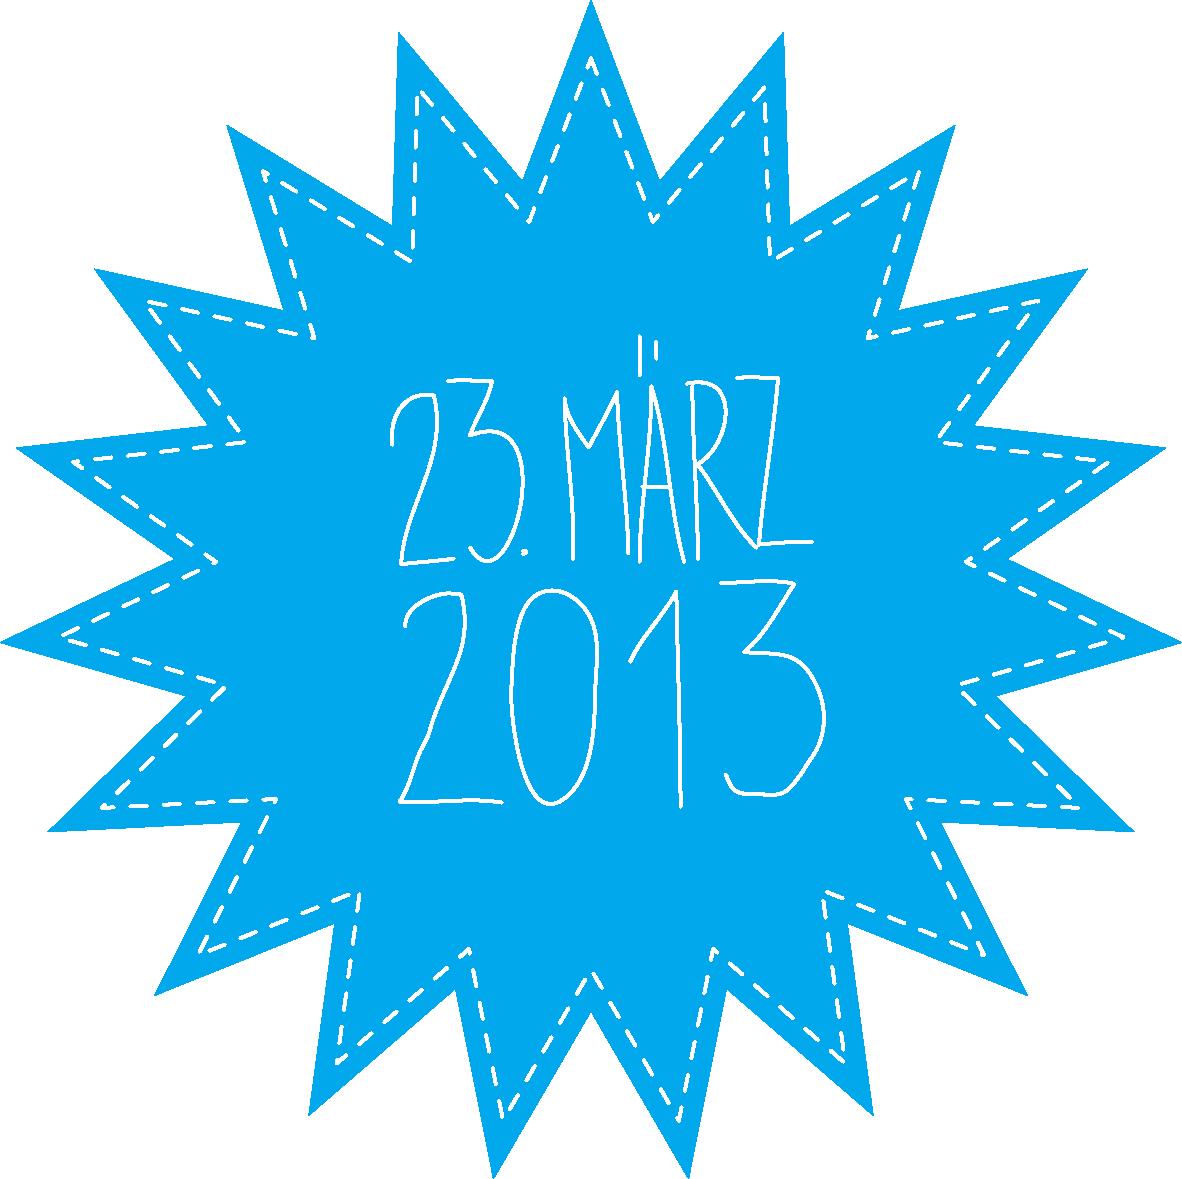 indiebookday_logo_2013